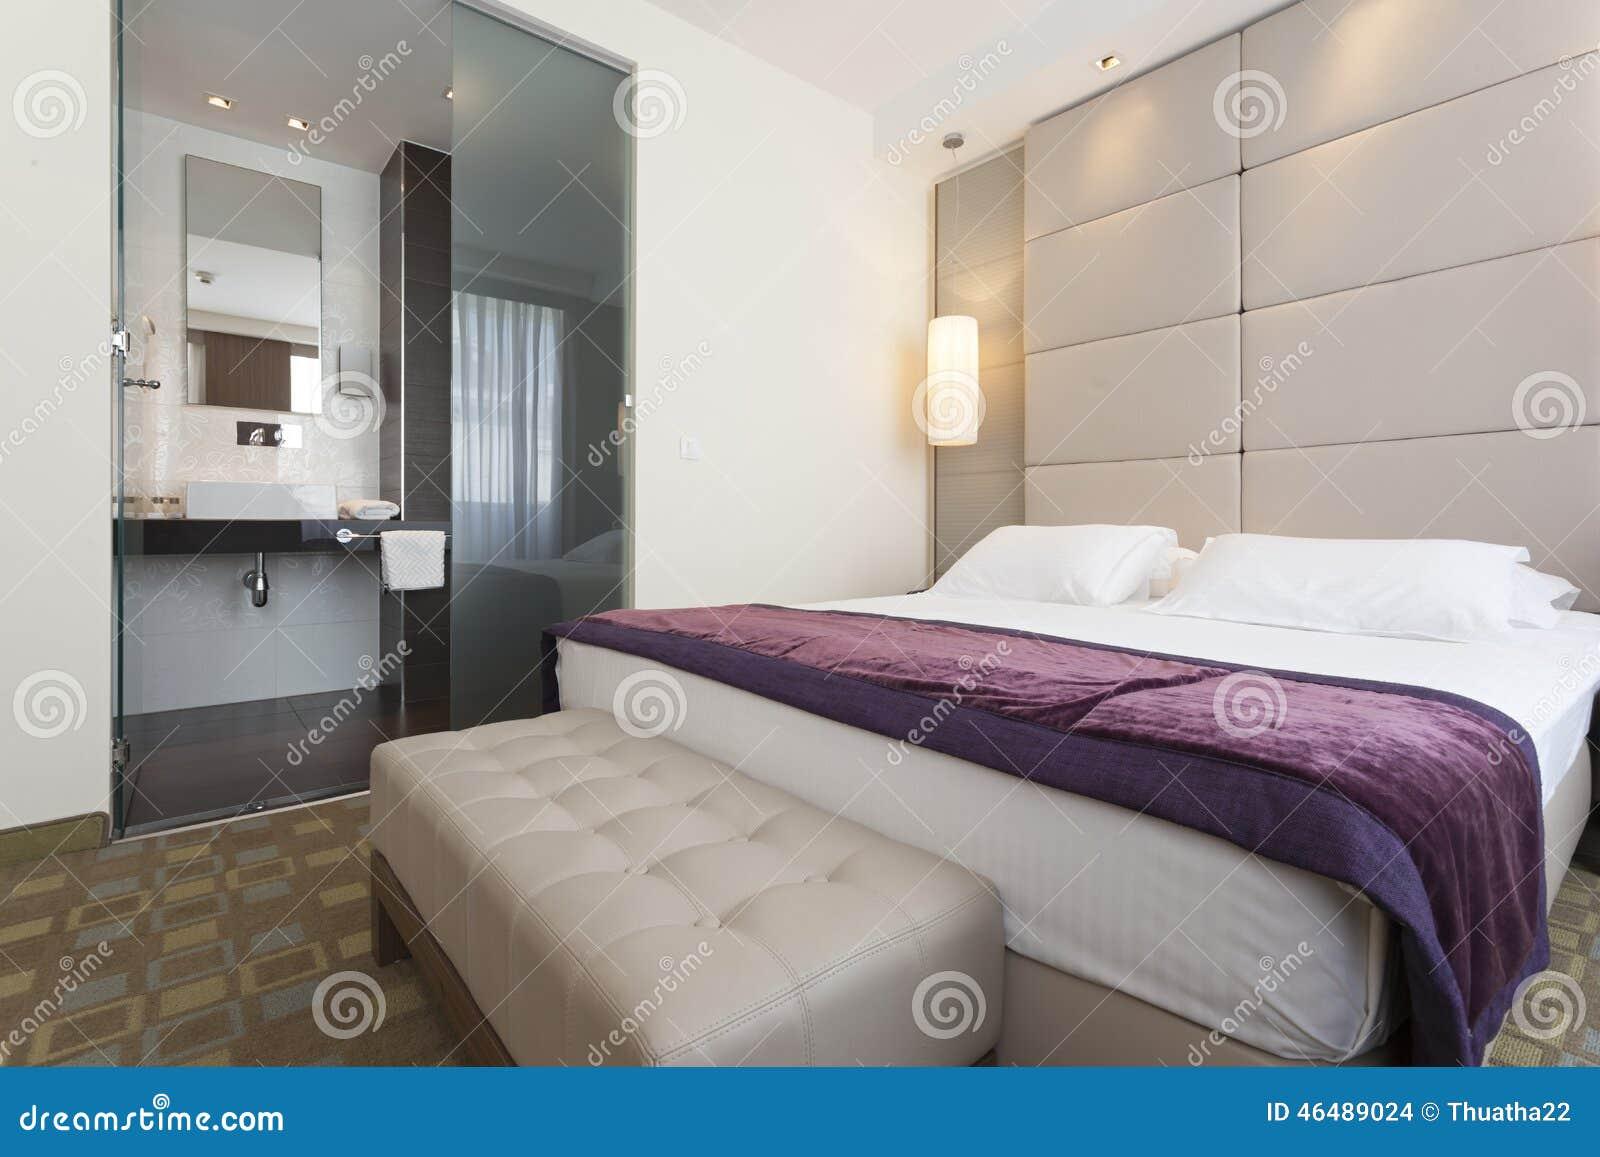 Int rieur d 39 une chambre coucher d 39 h tel de luxe avec la - Mini salle d eau dans une chambre ...